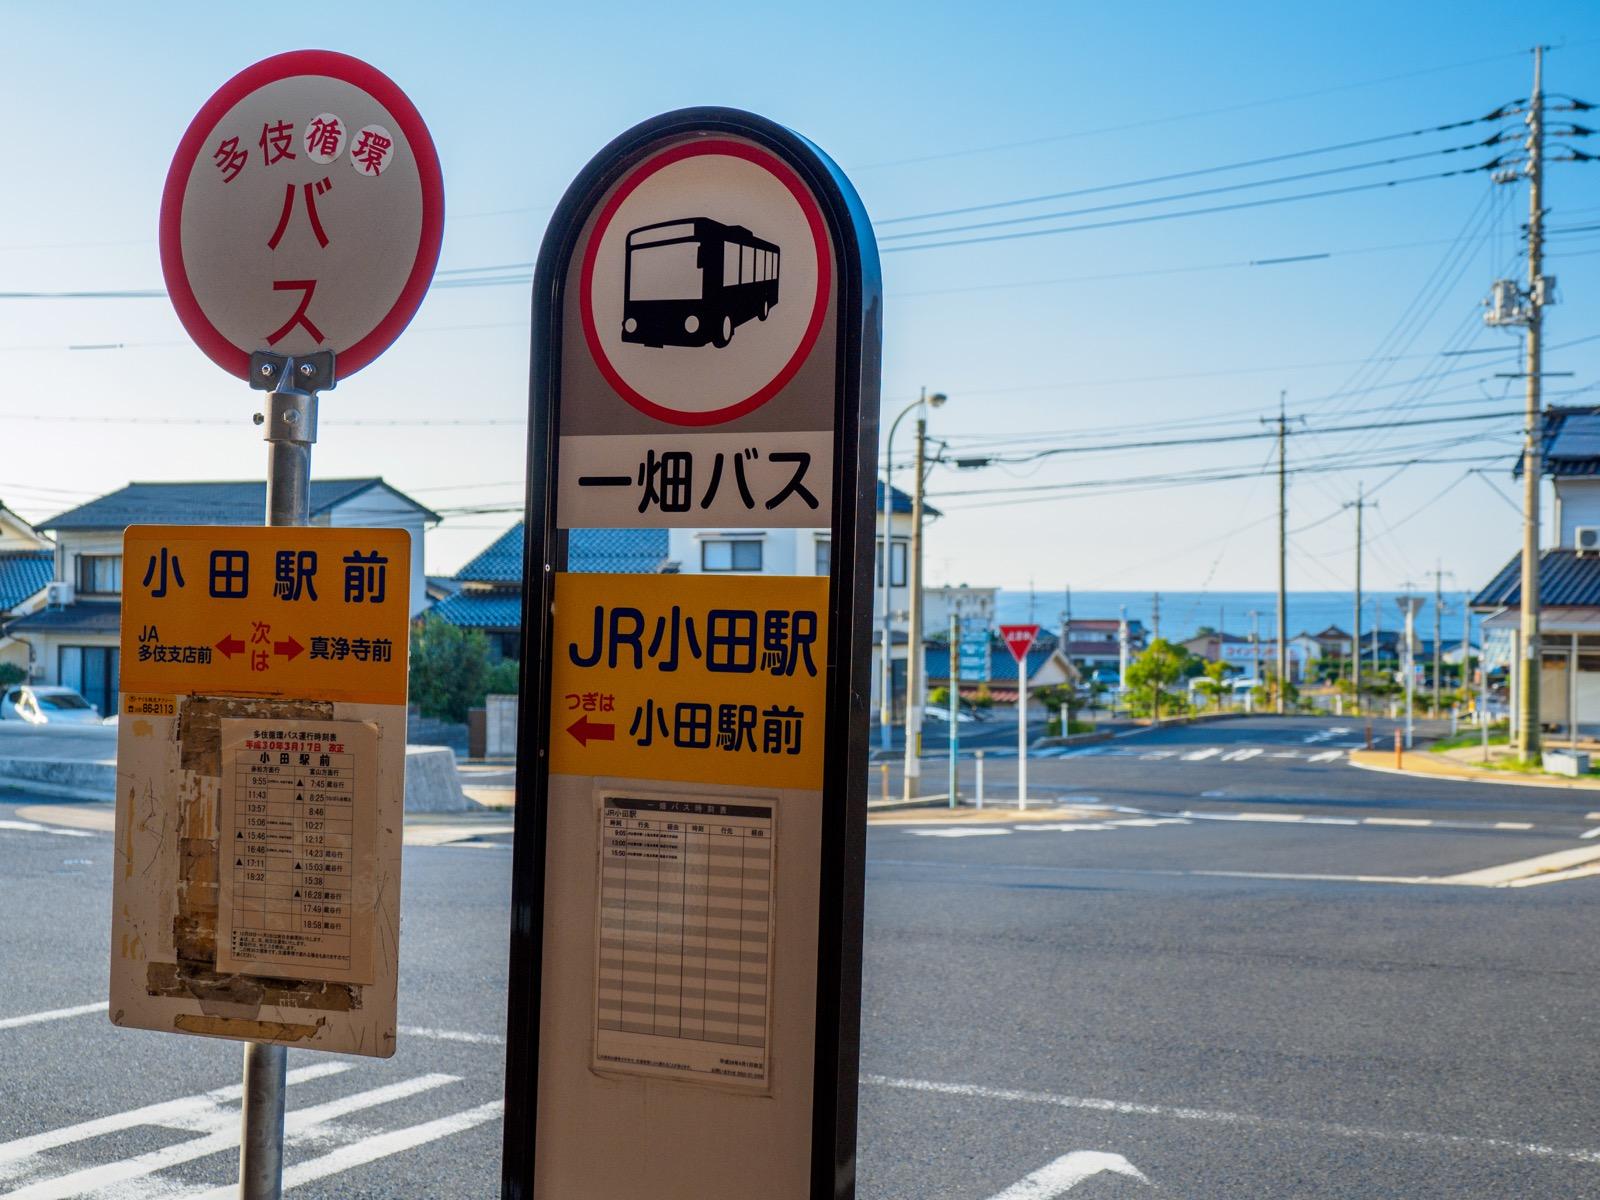 小田駅のバス停